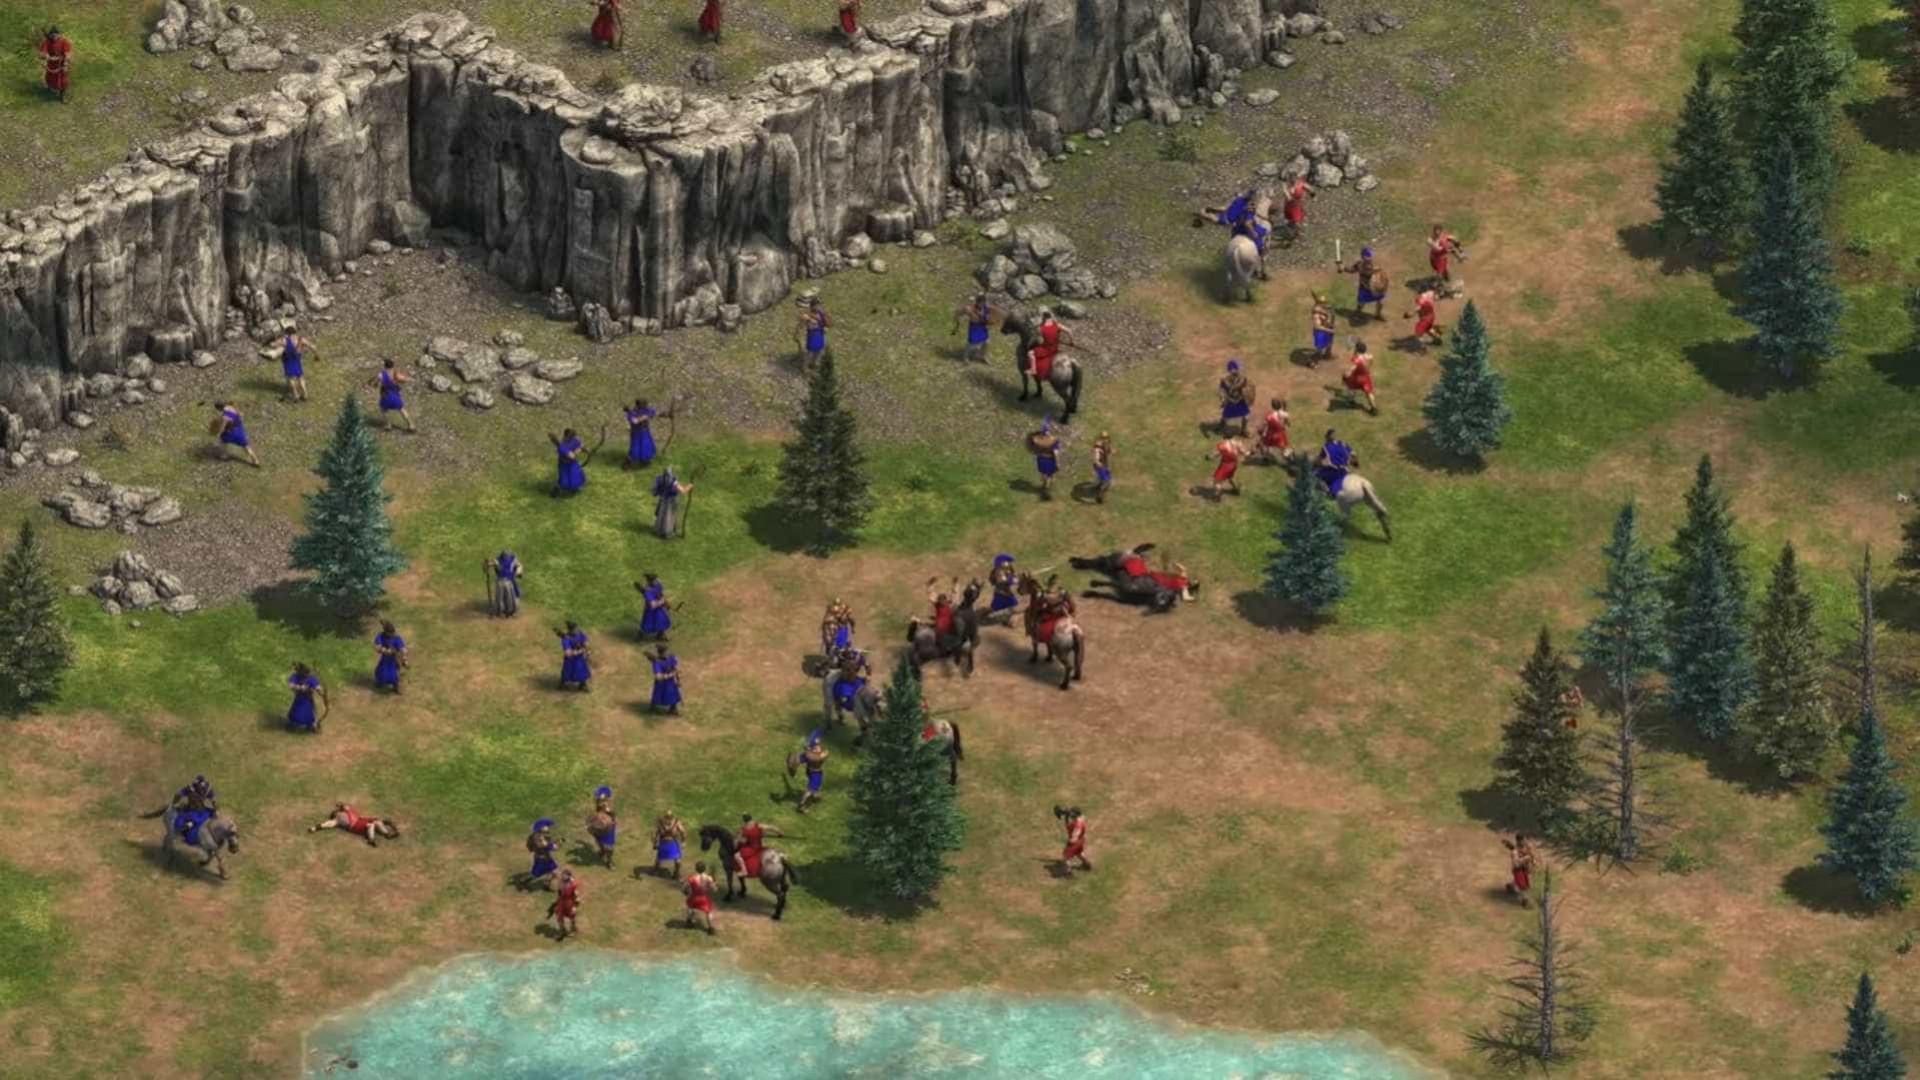 O clássico 'Age of Empires' regressa no próximo mês